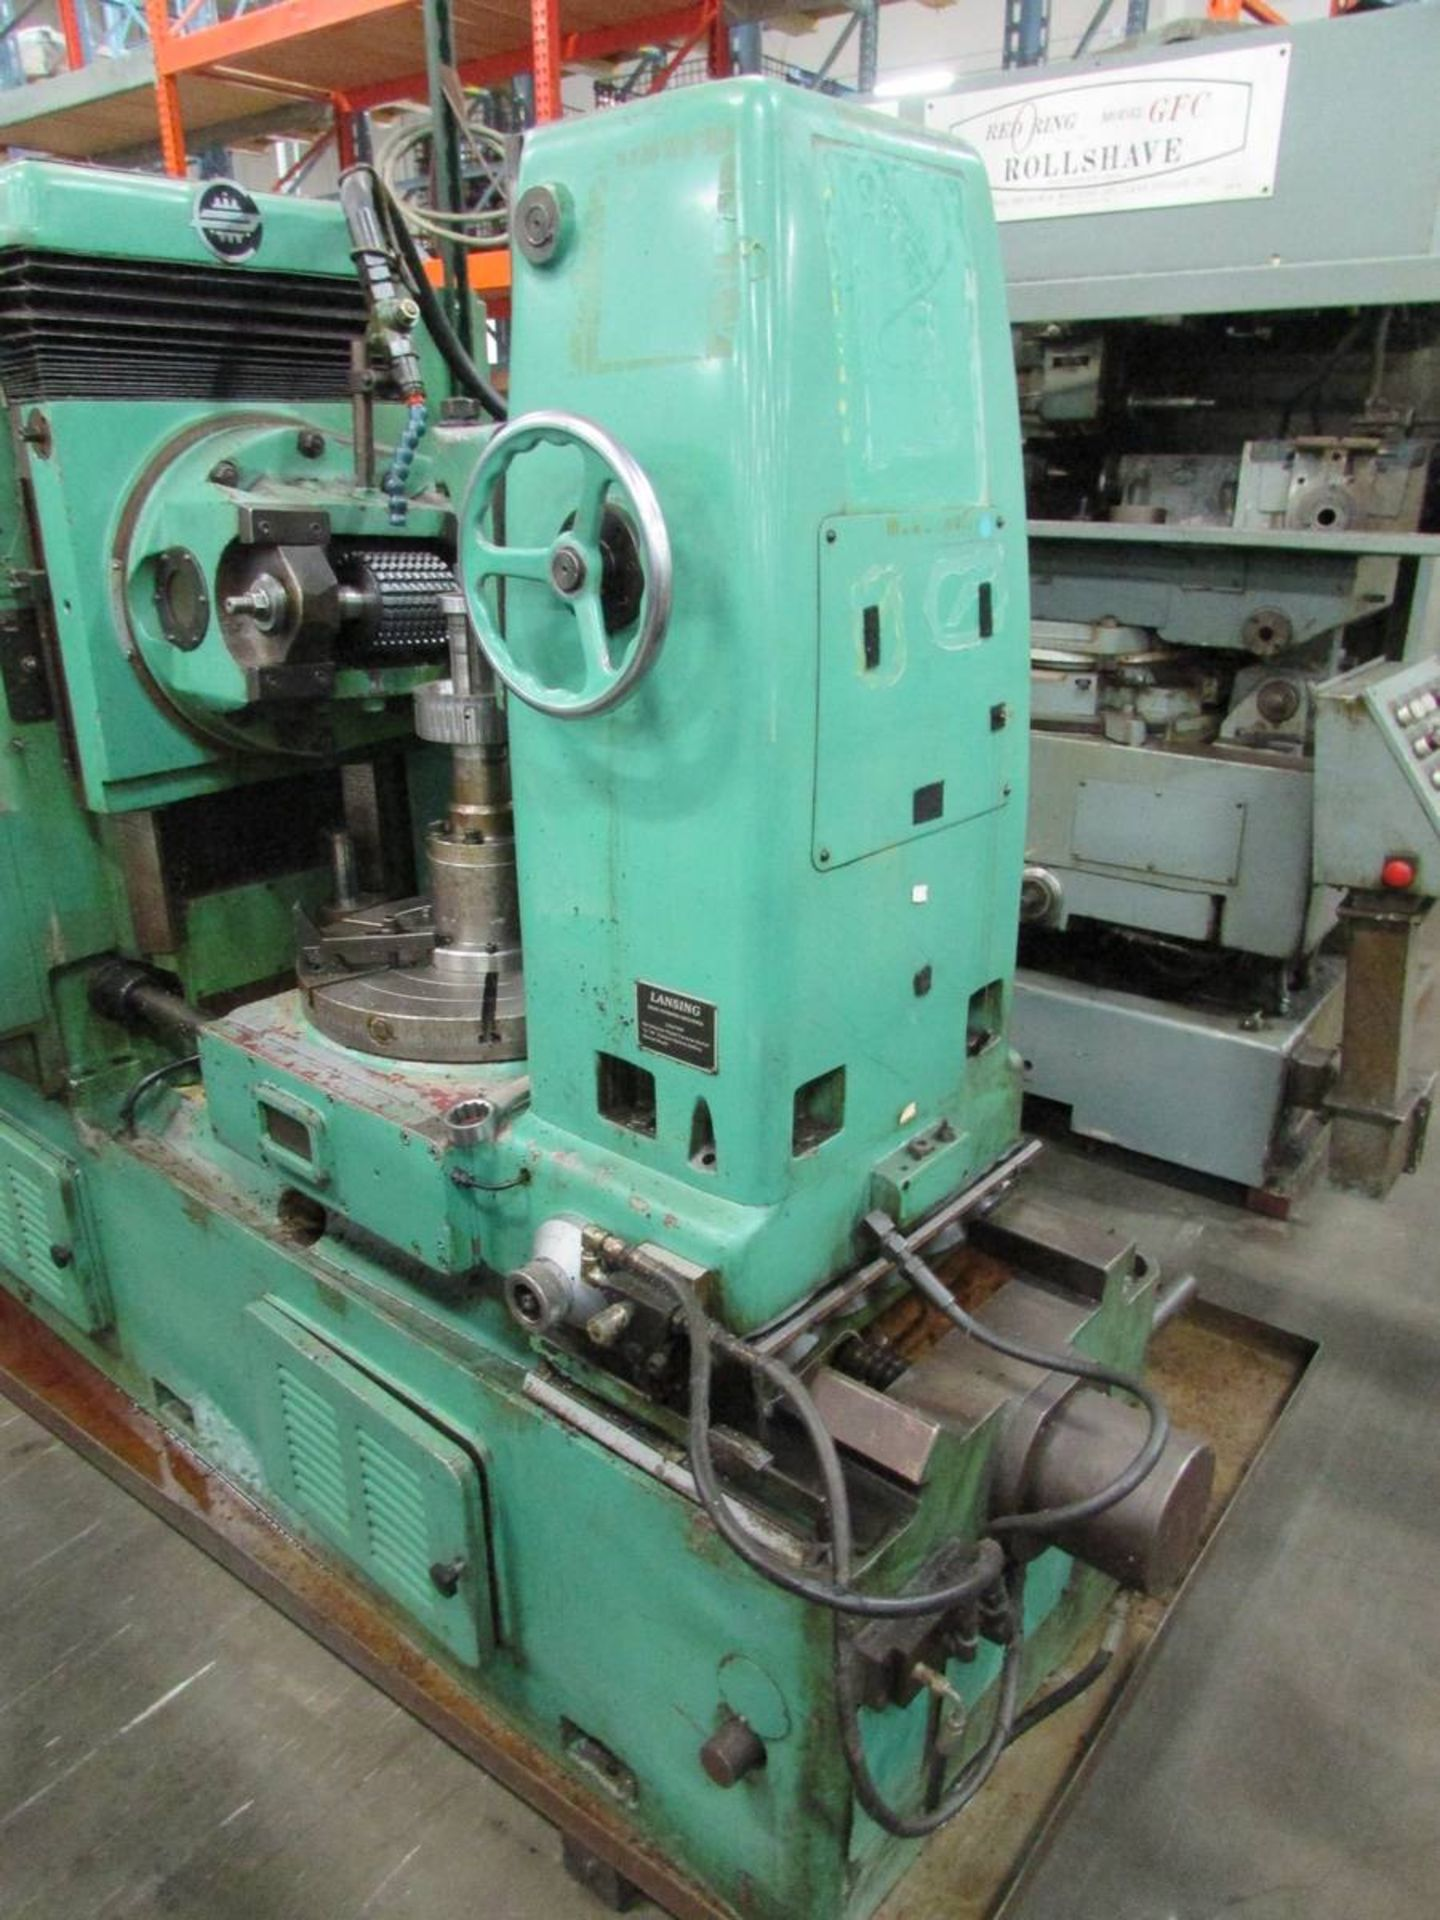 1984 Lansing GH20 Universal Gear Hobbing Machine - Image 11 of 16